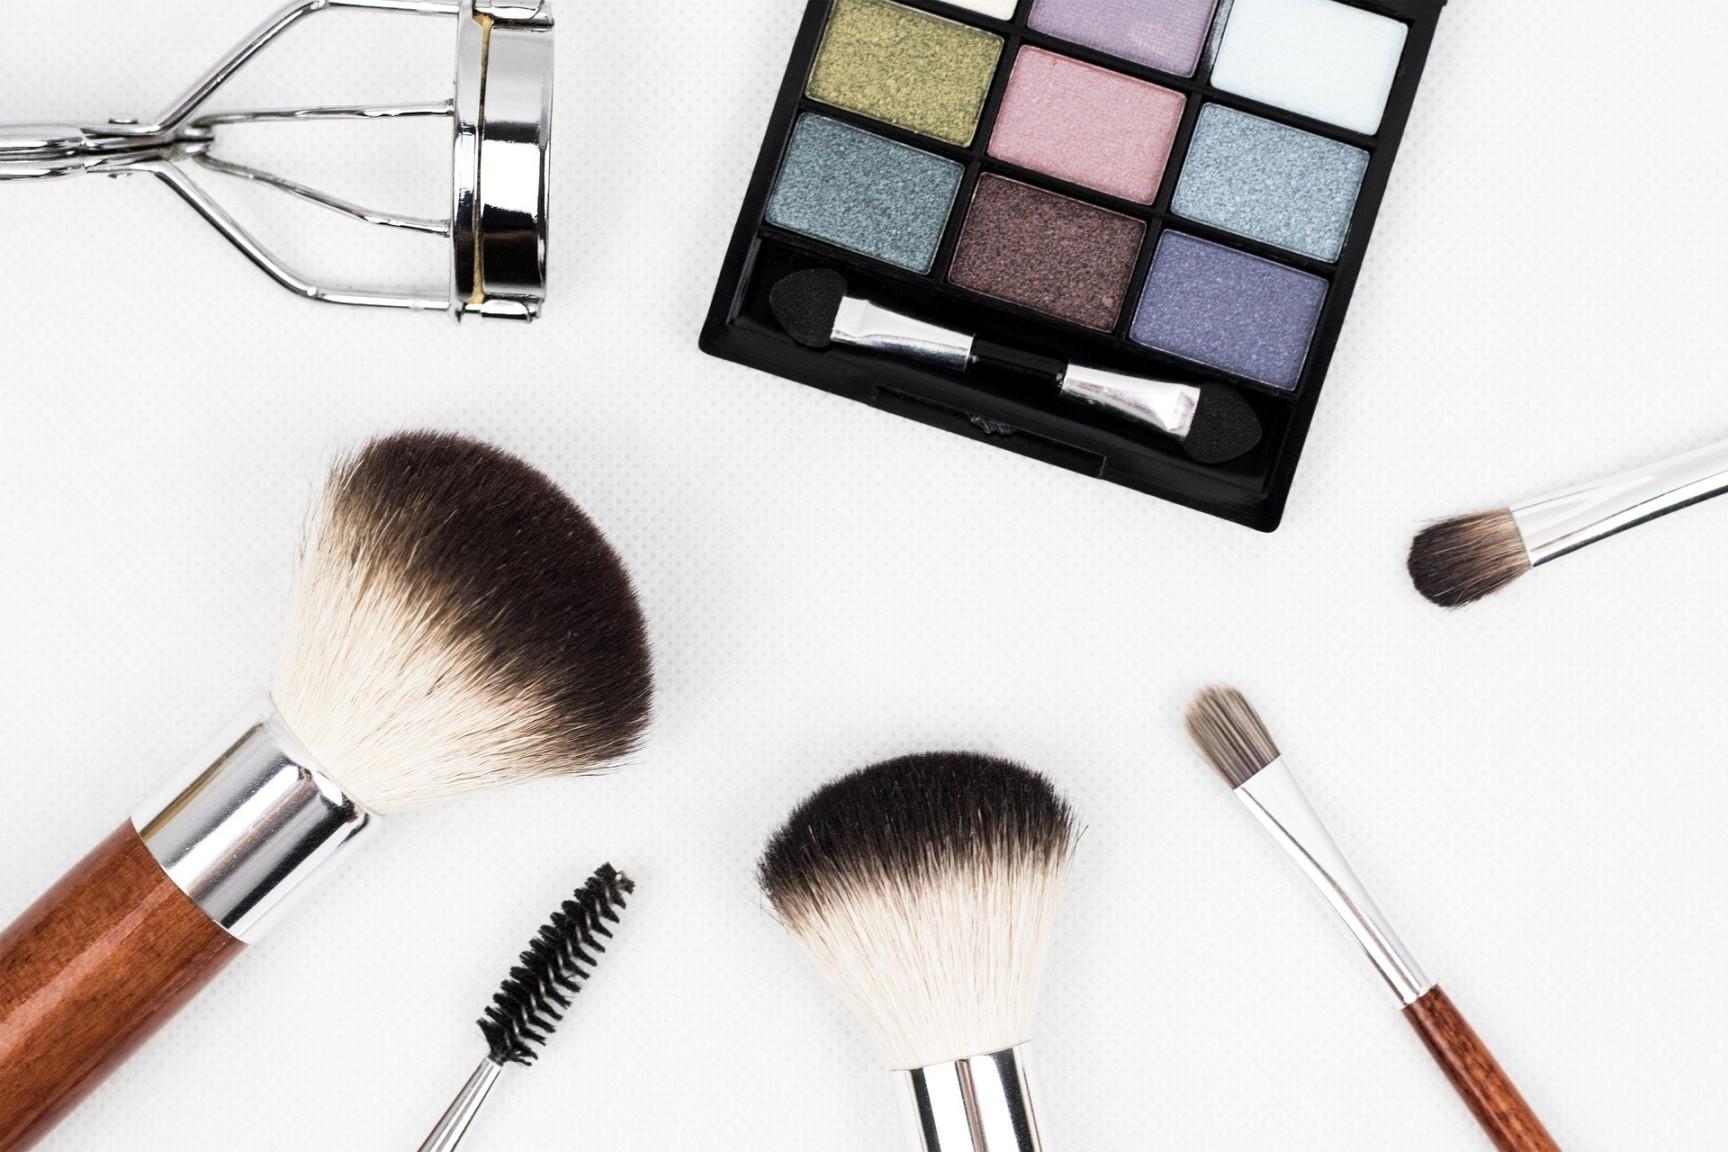 makeup-brush-tools